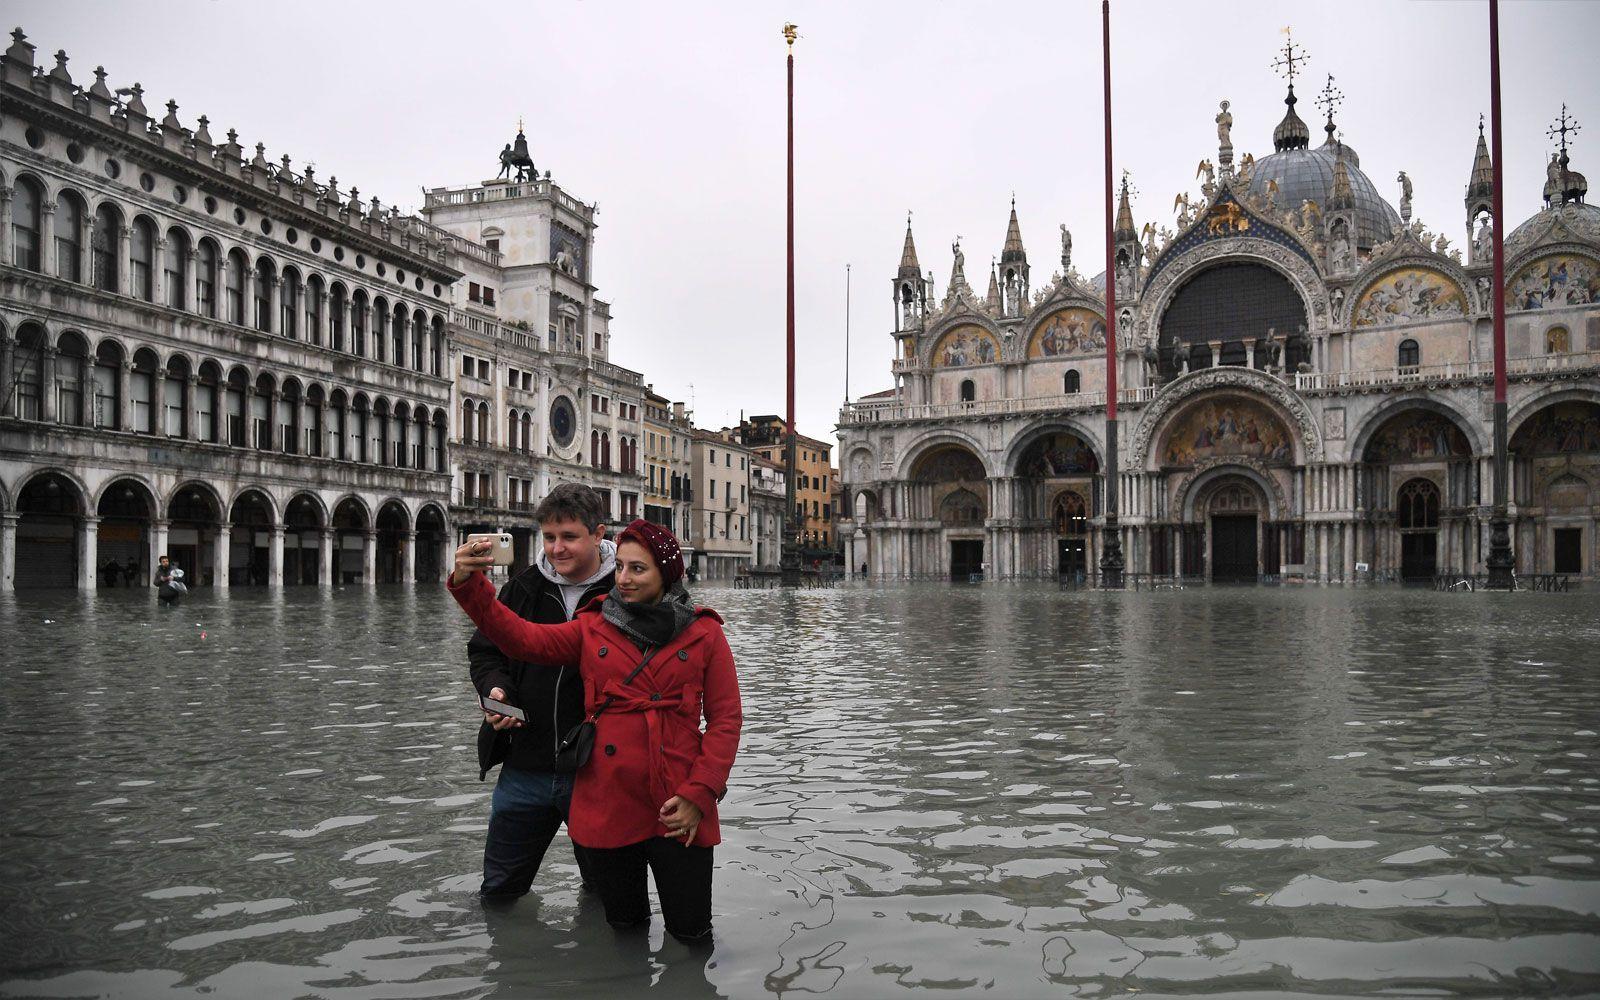 Venedig im Regen: Wassermassen gepaart mit Sturm sorgen für Chaos und Zerstörung. Manche Touristen lassen sich dennoch nicht beirren.